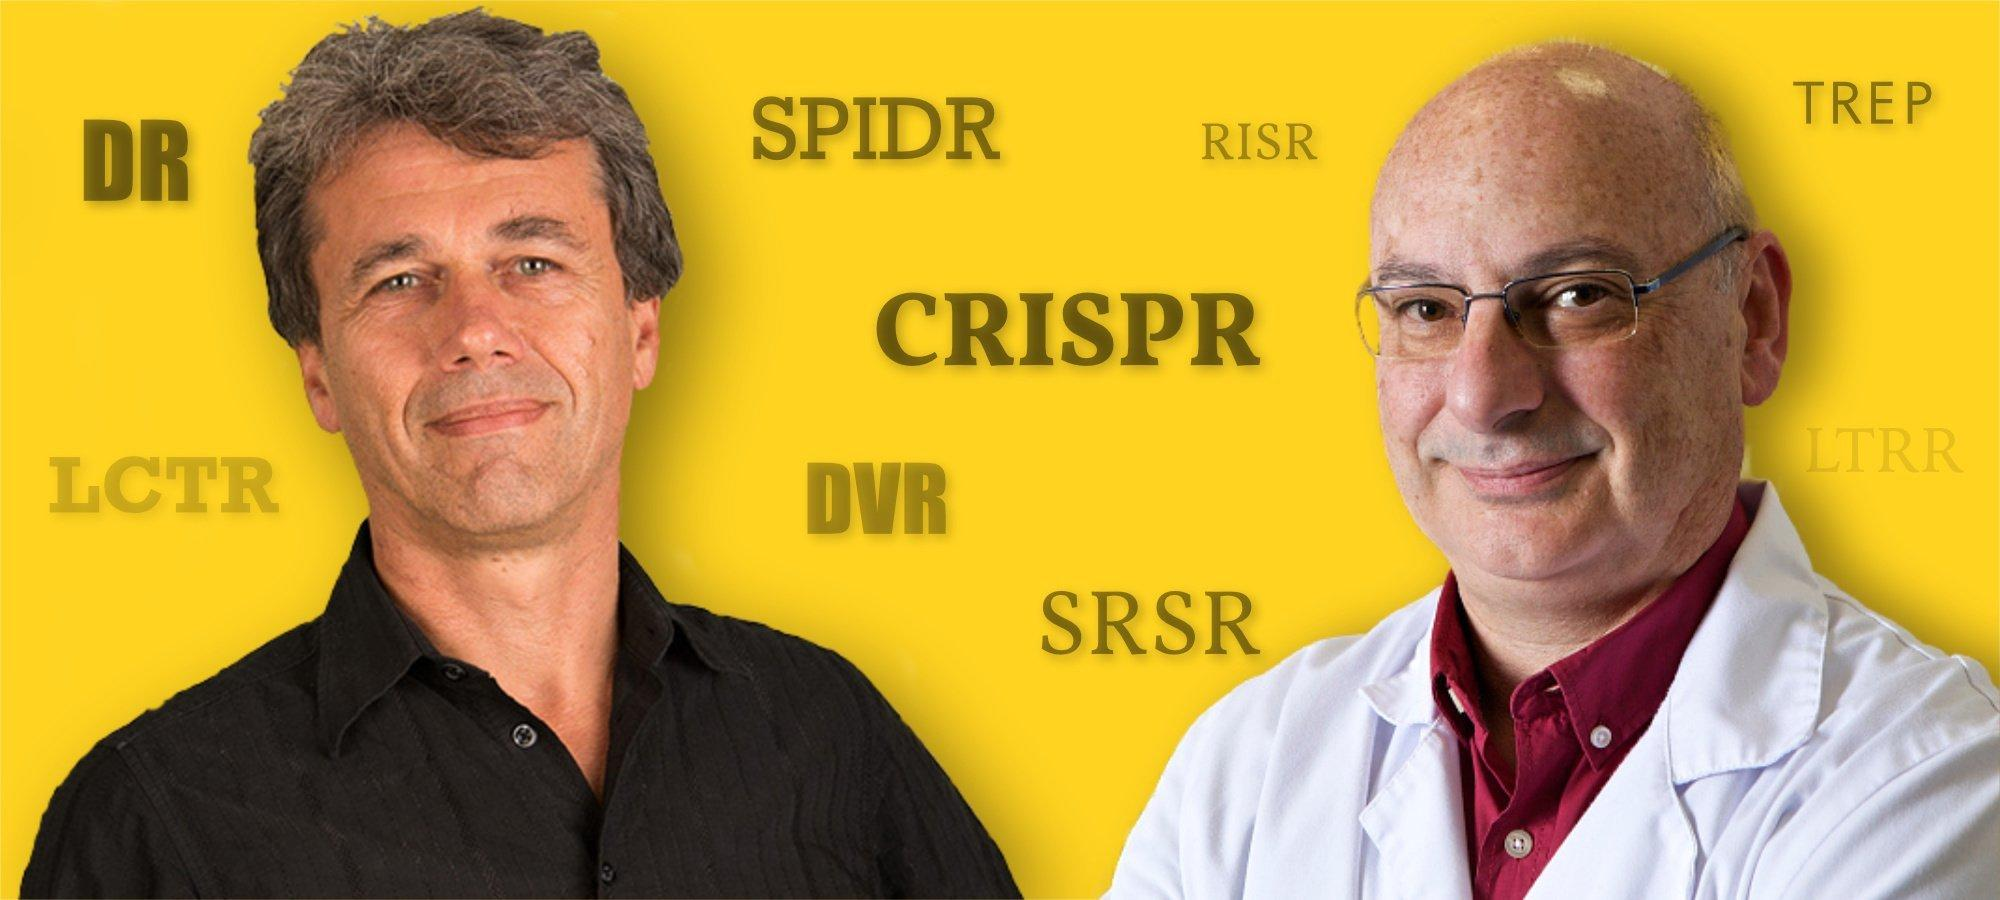 Ruud Jansen (li) und Francisco Mojica (re.) waren sich einig, dass sie einen neuen, prägnanten Namen brauchten, um all die anderen Bezeichnungen zu ersetzen. Vor CRISPR gab es Abkürzungen wie LCTR, DR, DVR, LTRR, TREP, SPIDR, SRSR.